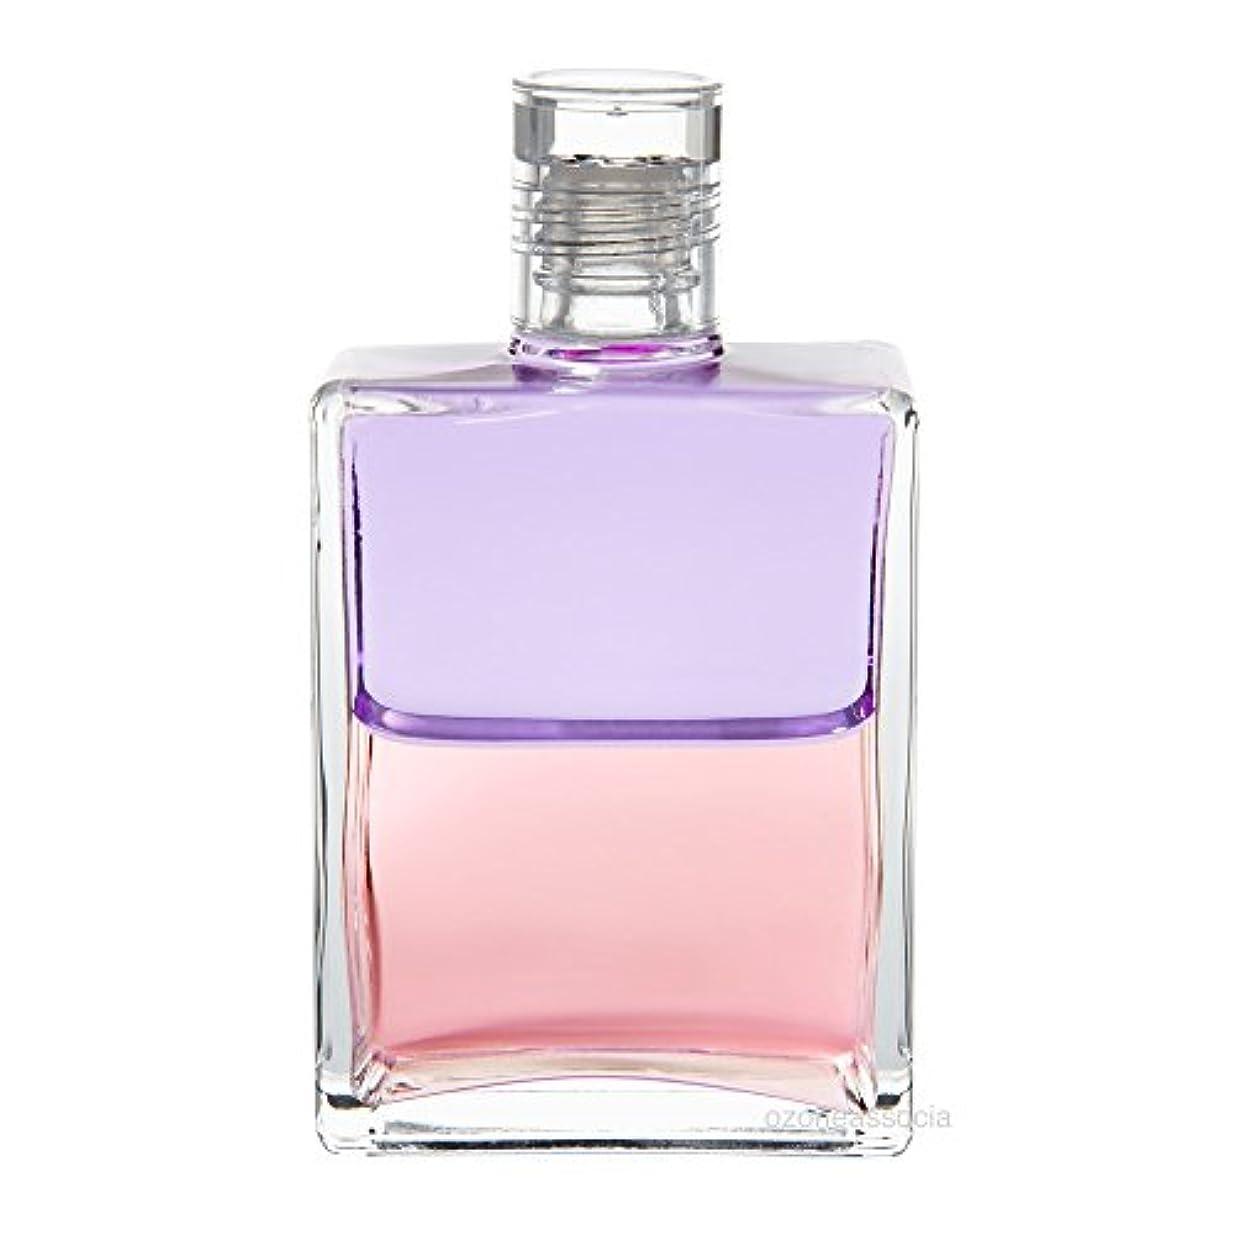 可愛い保持する服オーラソーマ ボトル 66番  女優/ビクトリアのボトル (ペールバイオレット/ペールピンク) イクイリブリアムボトル50ml Aurasoma